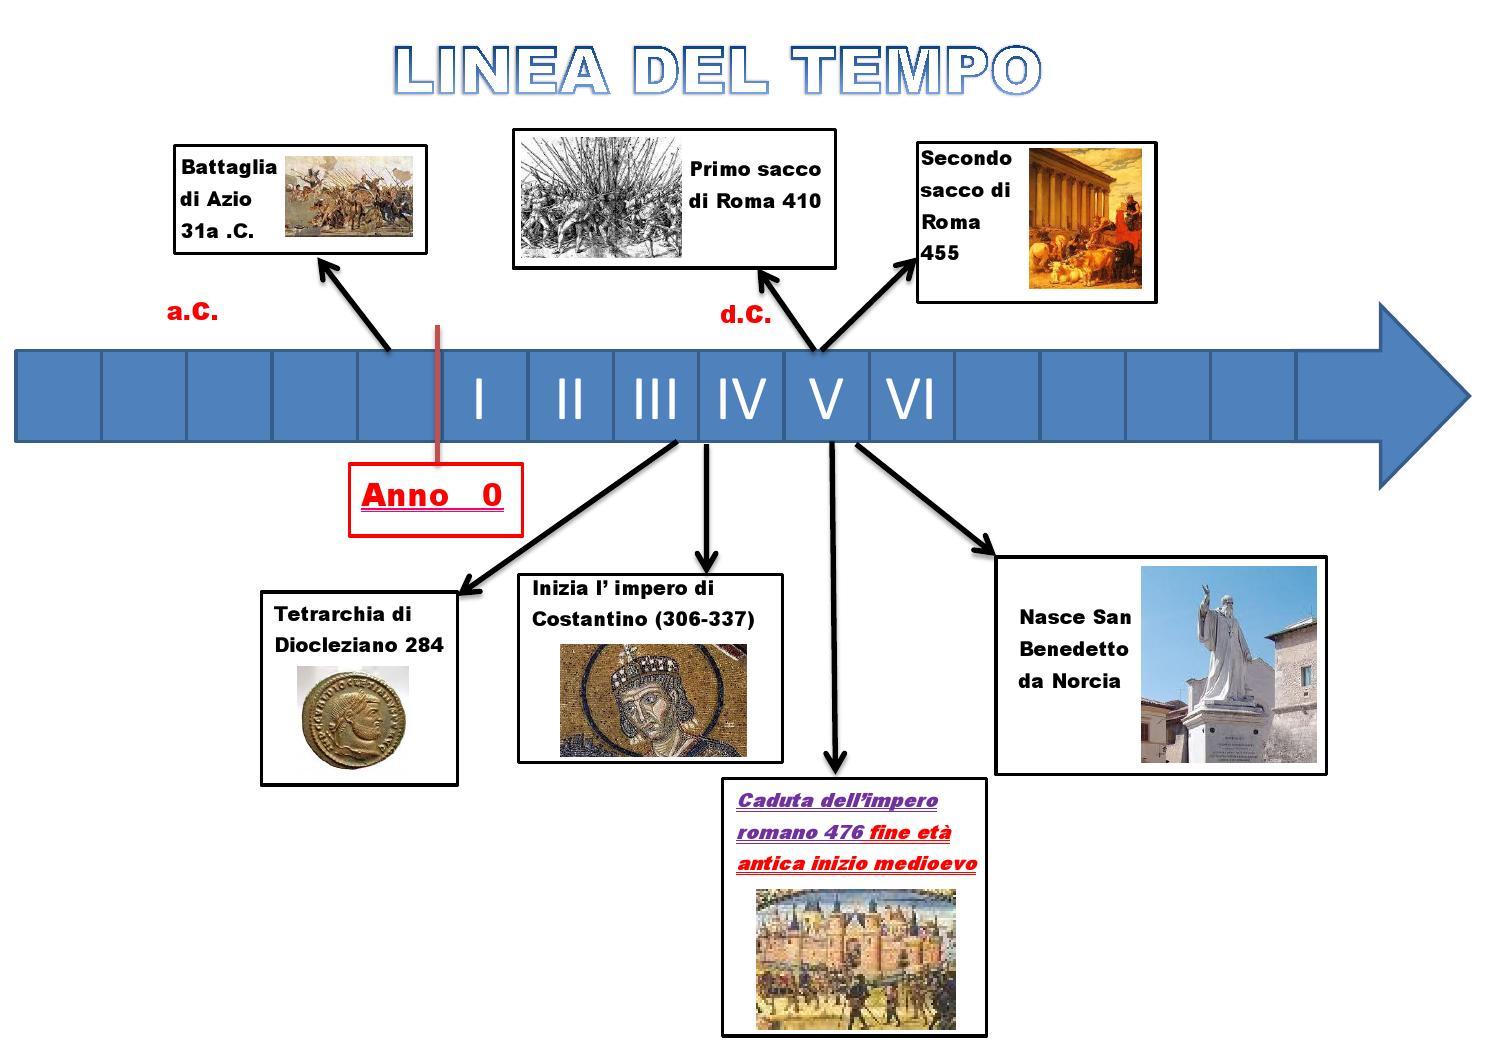 Linea del tempo 1h by de filis terni issuu - Atterrare prima del tempo caratteri ...